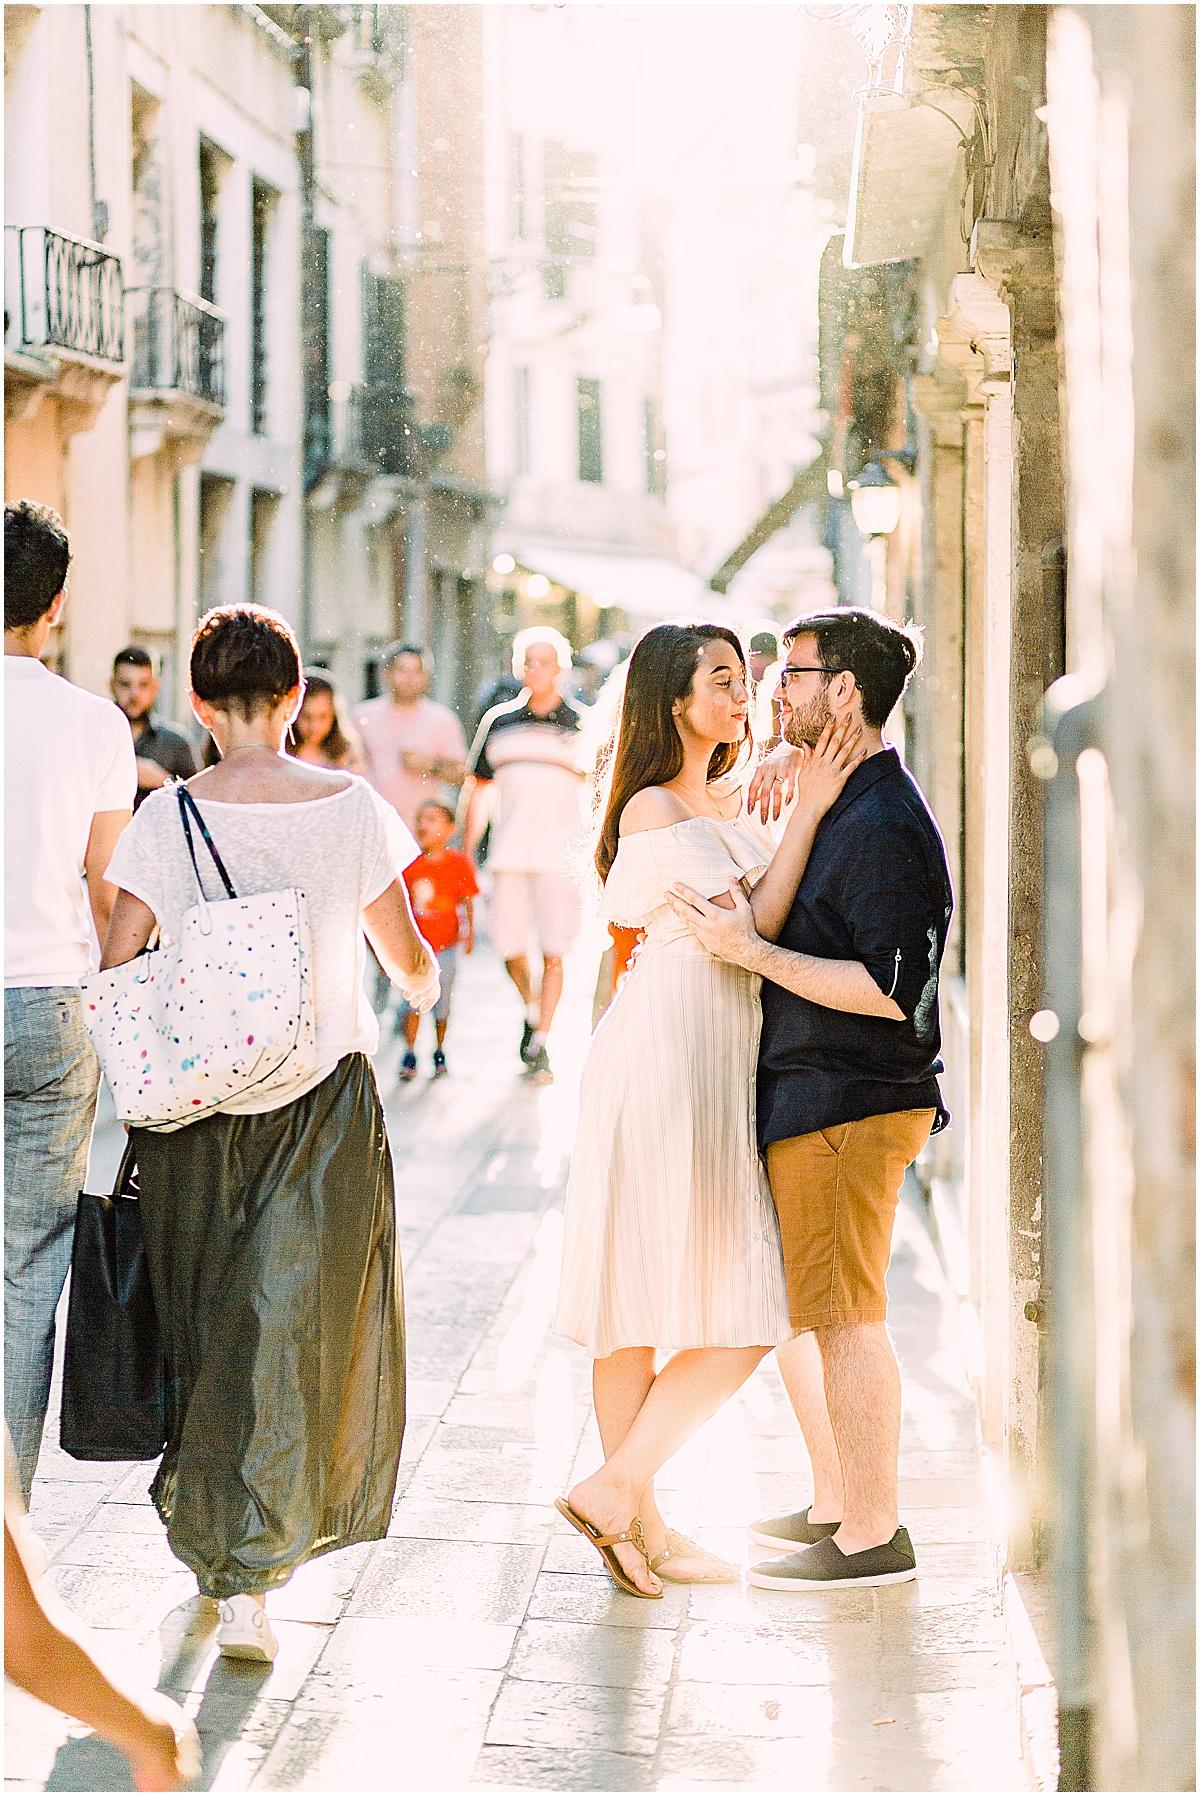 lifestyle-photographer-couple-in-venice-gondola-sunset-stefano-degirmenci_0291.jpg